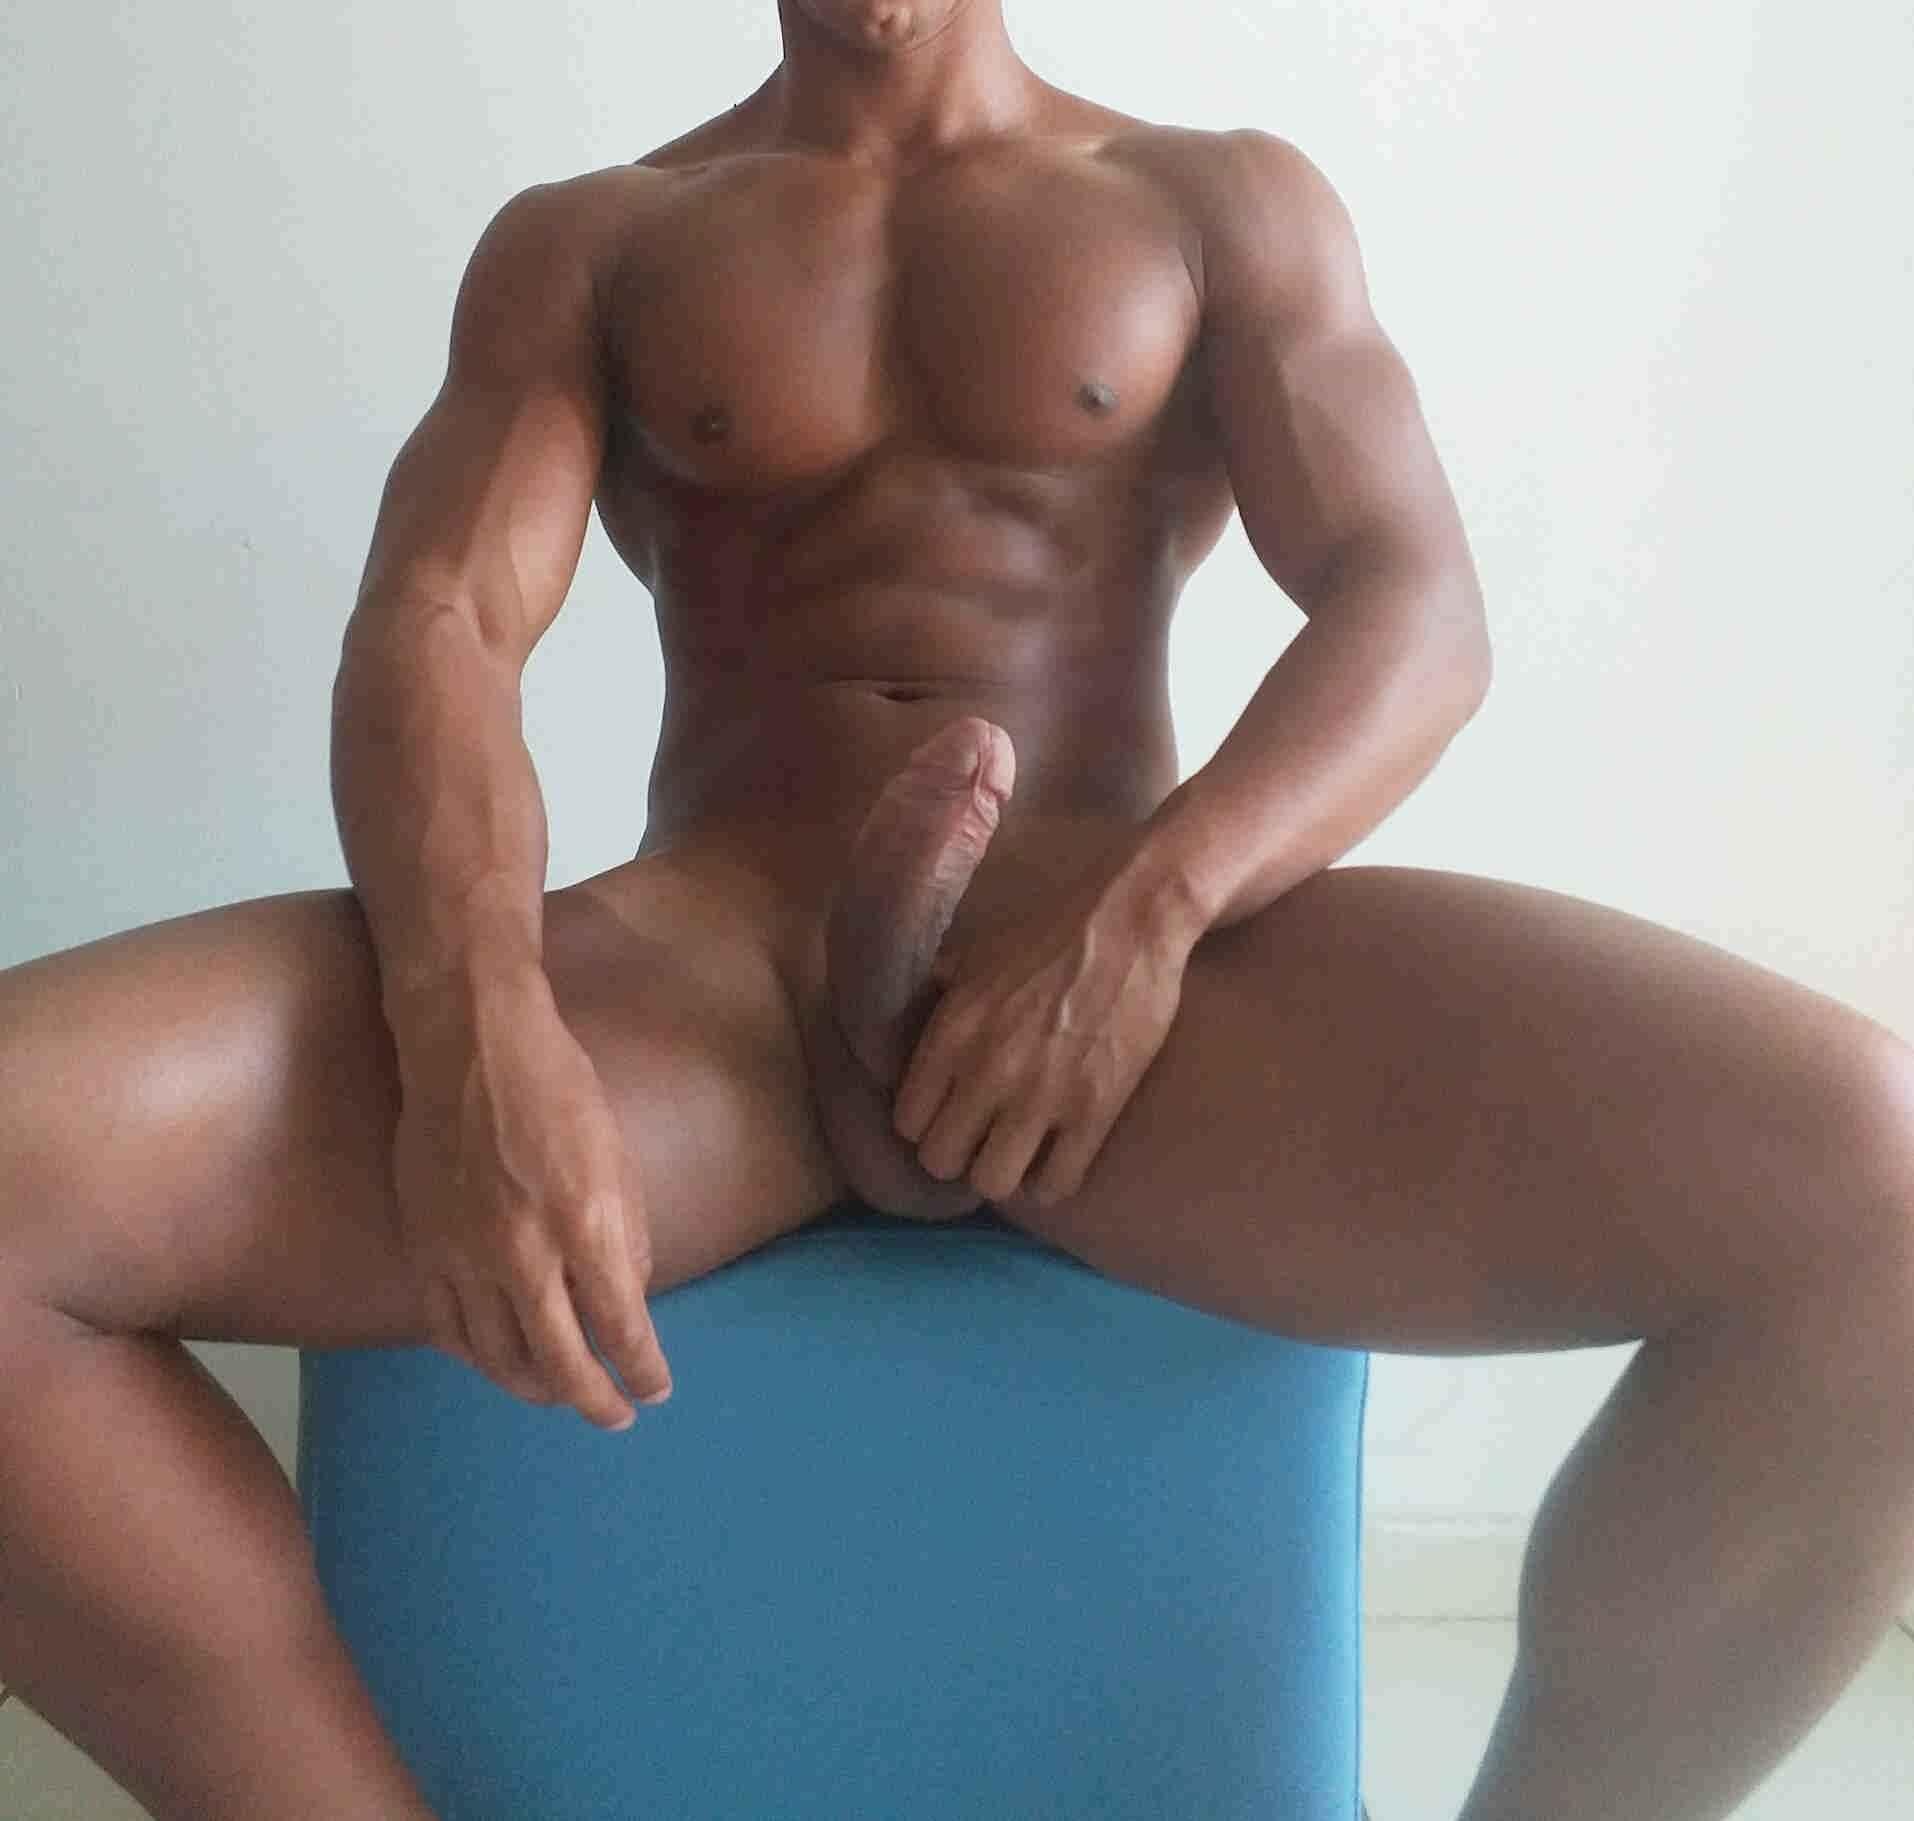 Pene Erecto Archivos Tema Gay Porno Sexo Fotos Xxx Machos Gay Pene